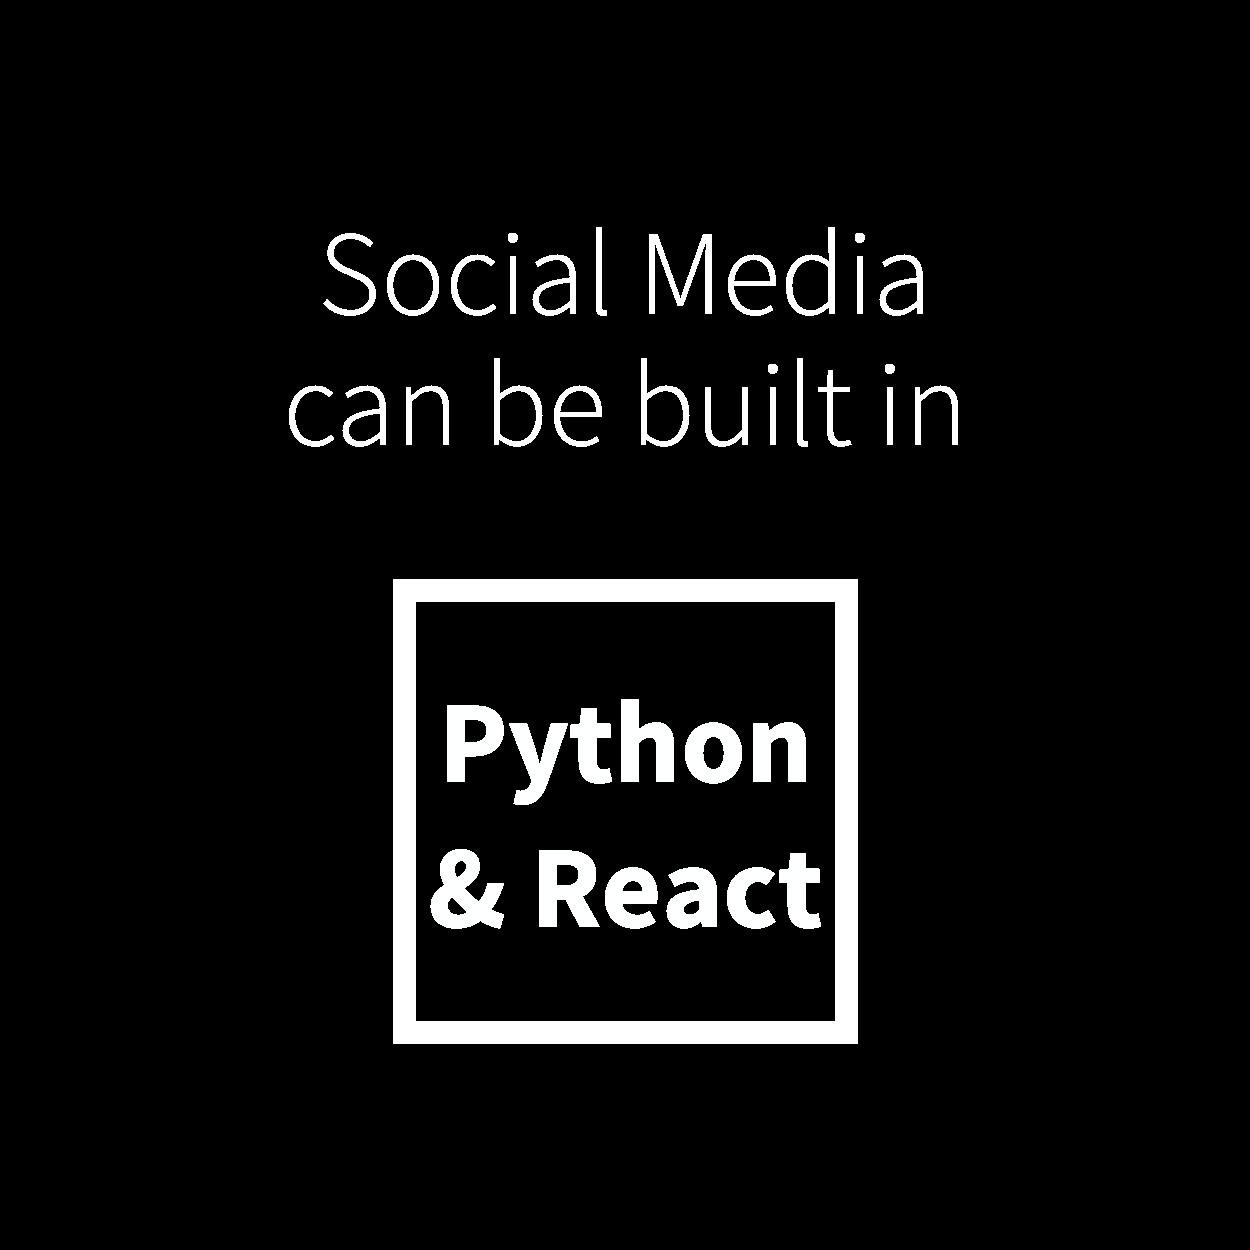 programming for social media